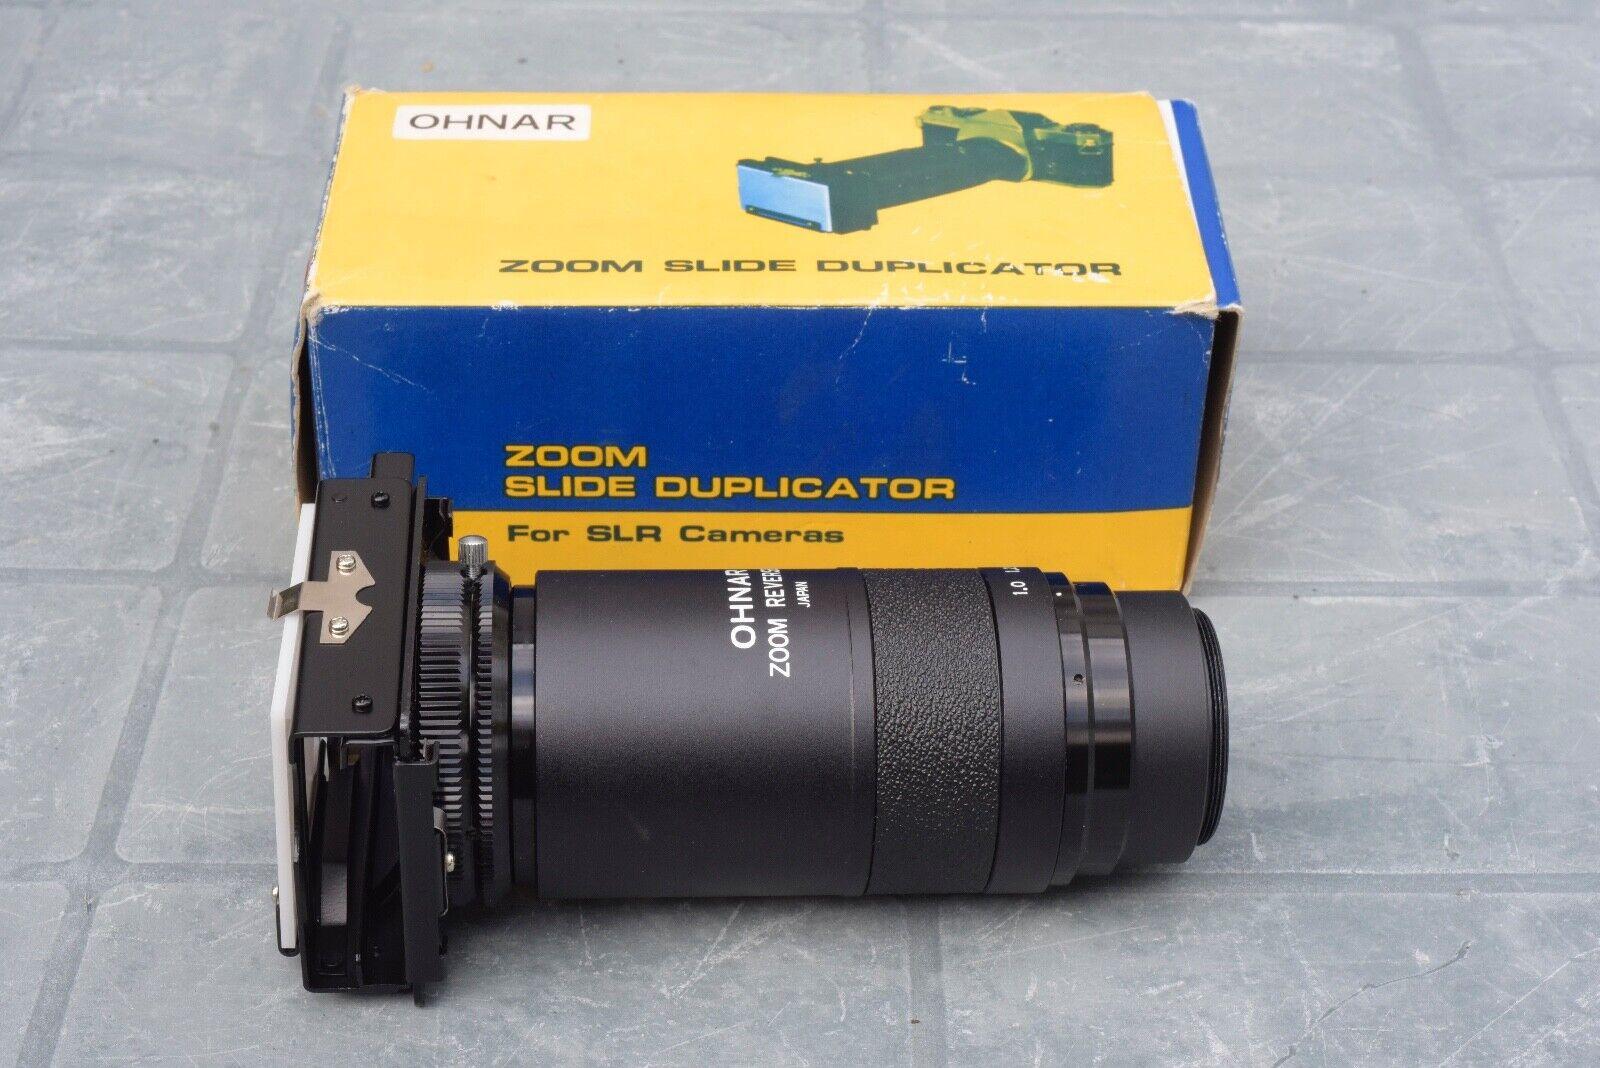 Ohnar zoom slide copier for copying or digitising 35mm slides